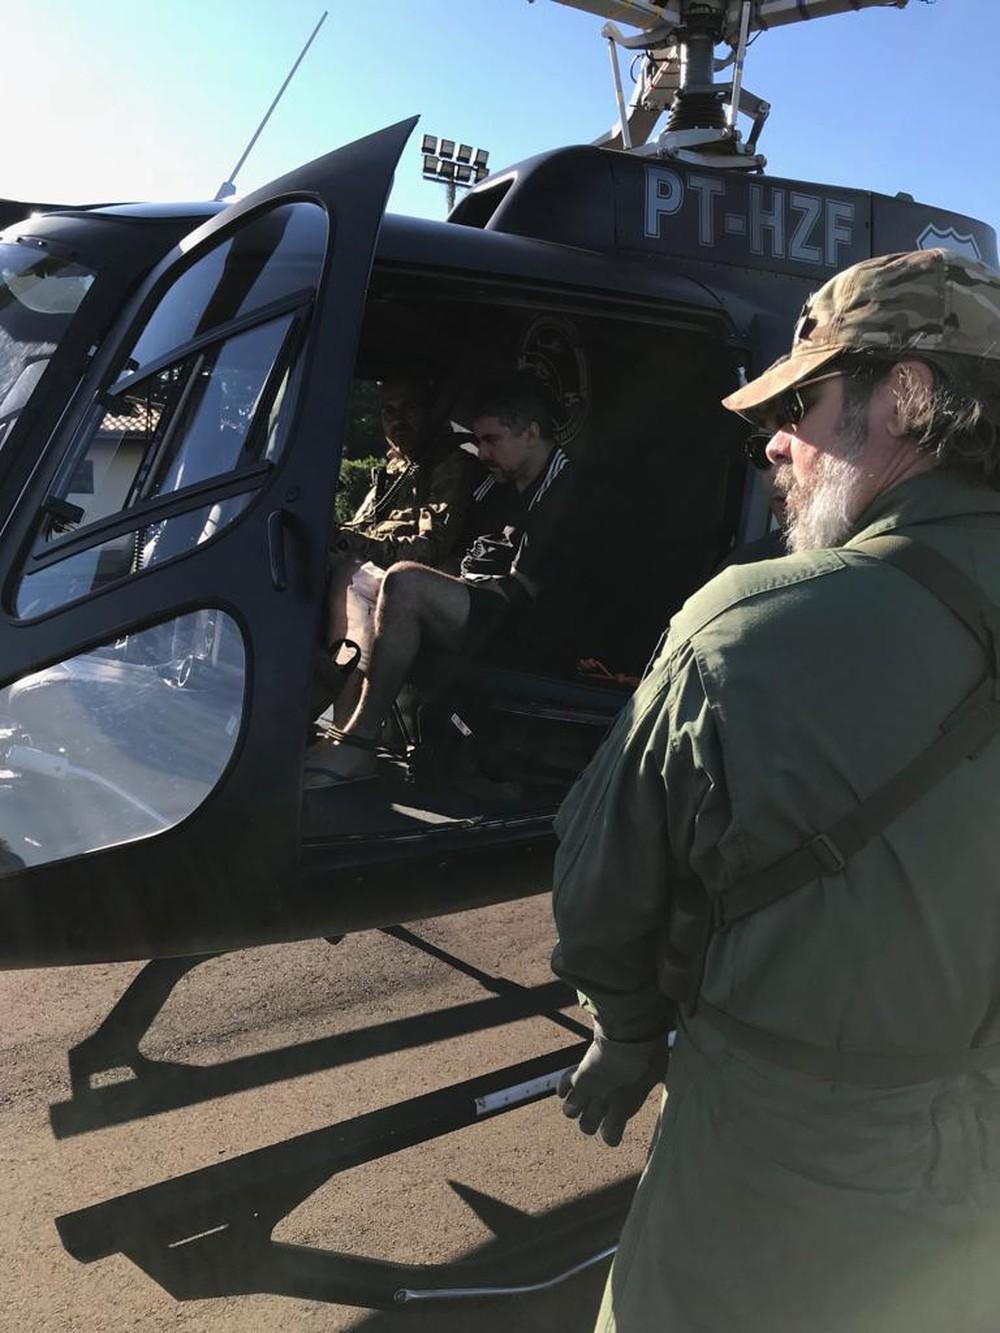 Expulsão do Piloto começou por volta das 5h e ele foi entregue por volta das 7h em território brasileiro — Foto: Ministério Público paraguaio